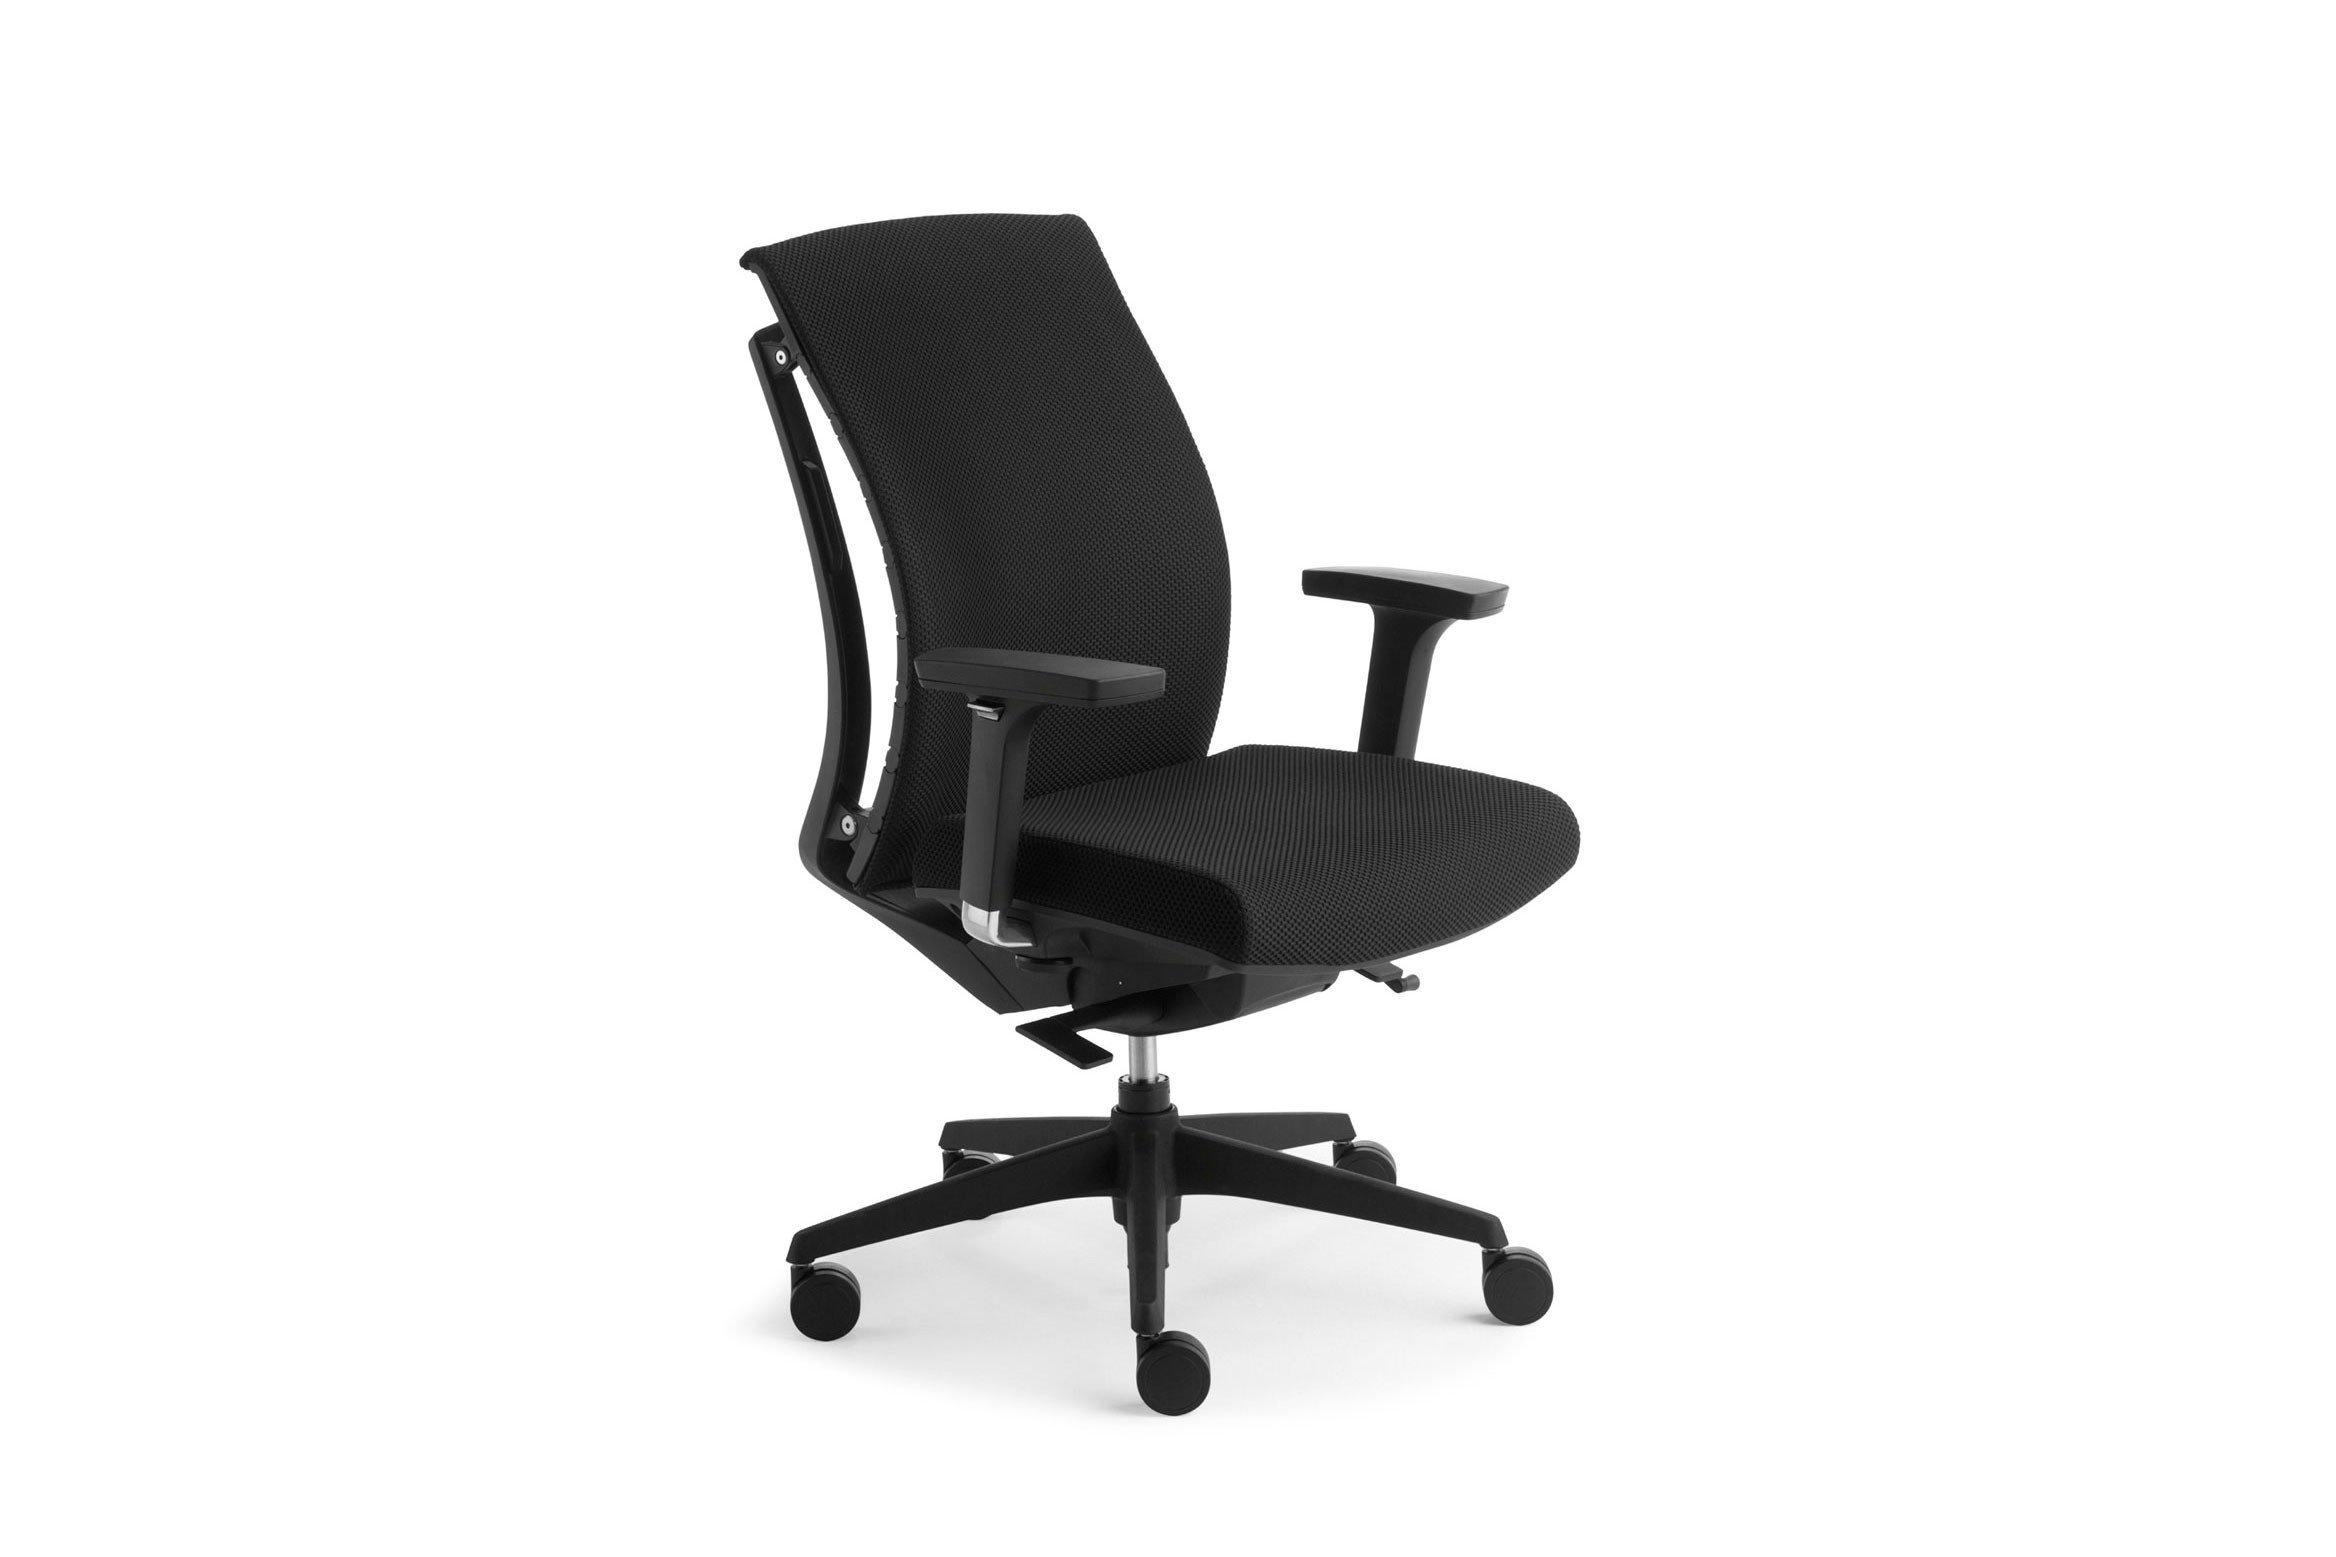 Mayer Sitzmöbel Drehstuhl Arti Chair 2453 schwarz | Möbel Letz Ihr Online Shop